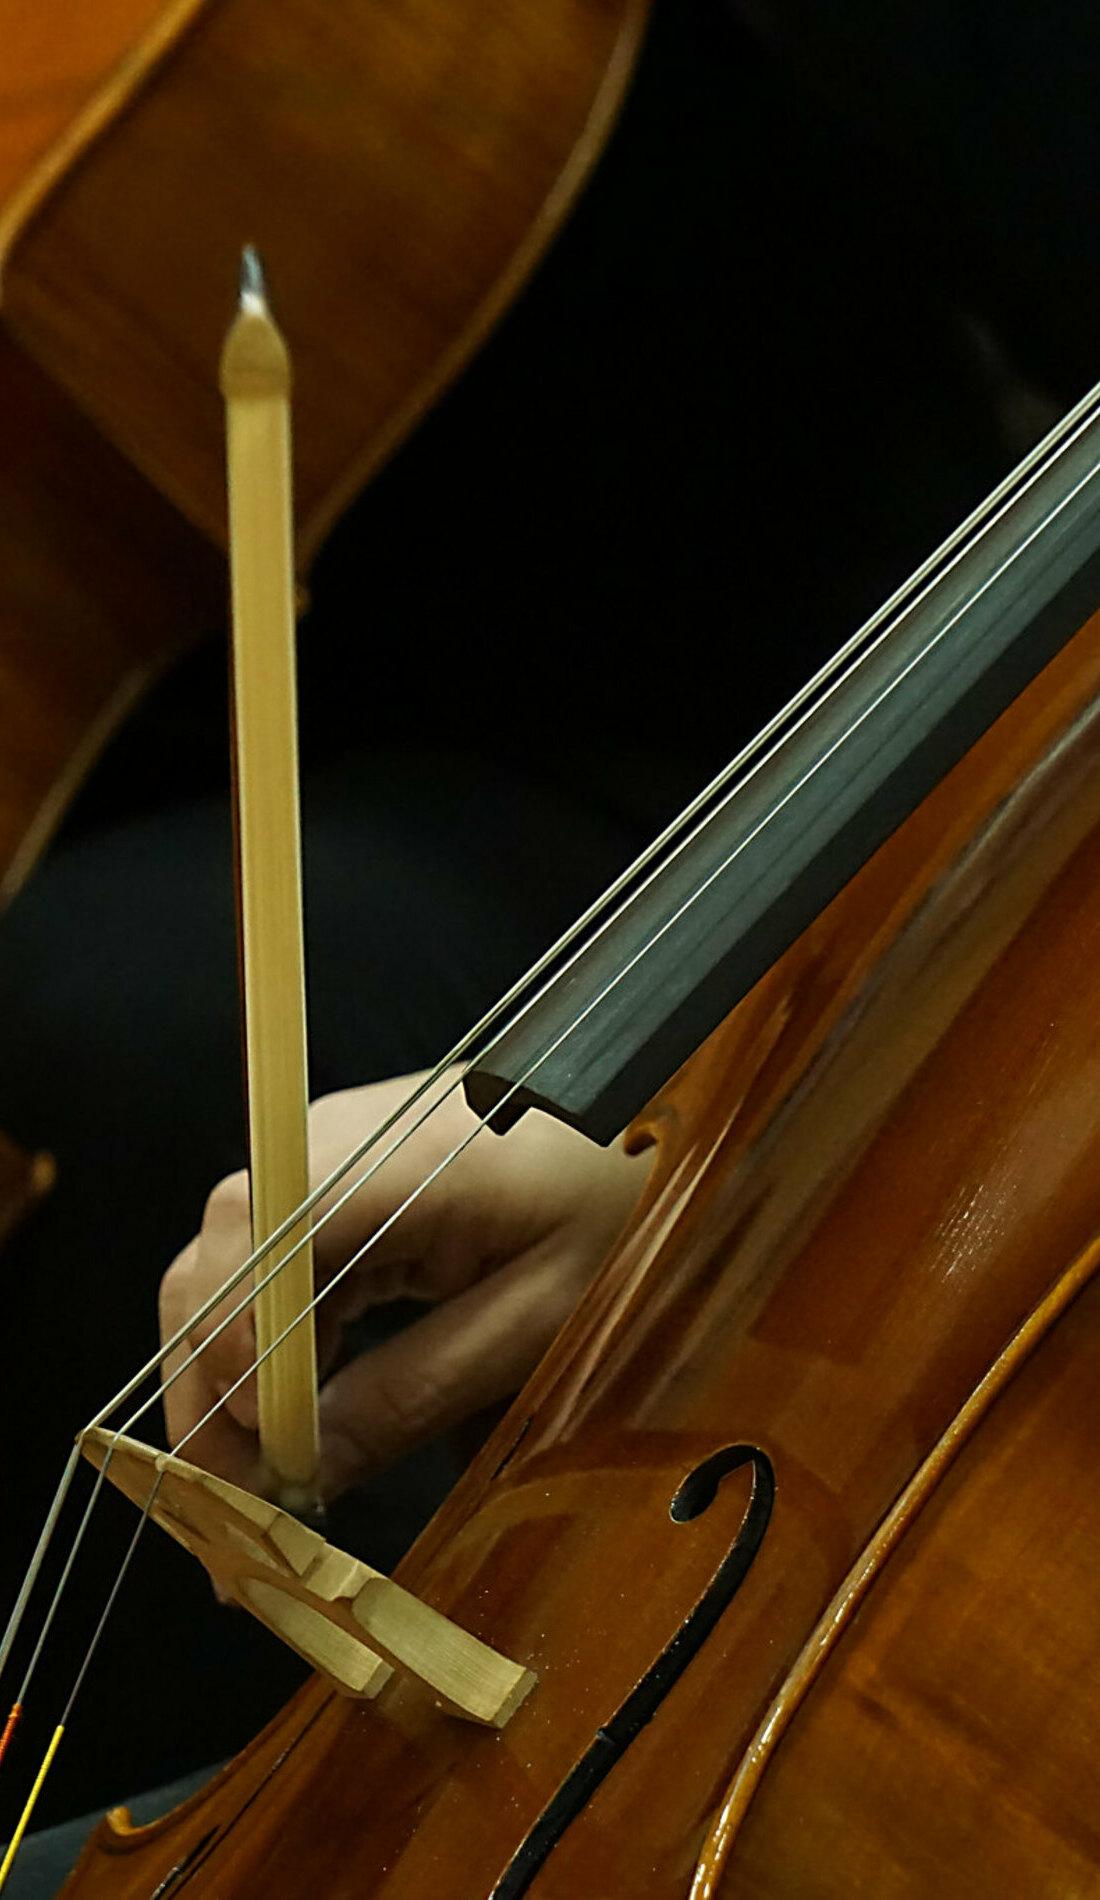 A Pensacola Symphony Orchestra live event